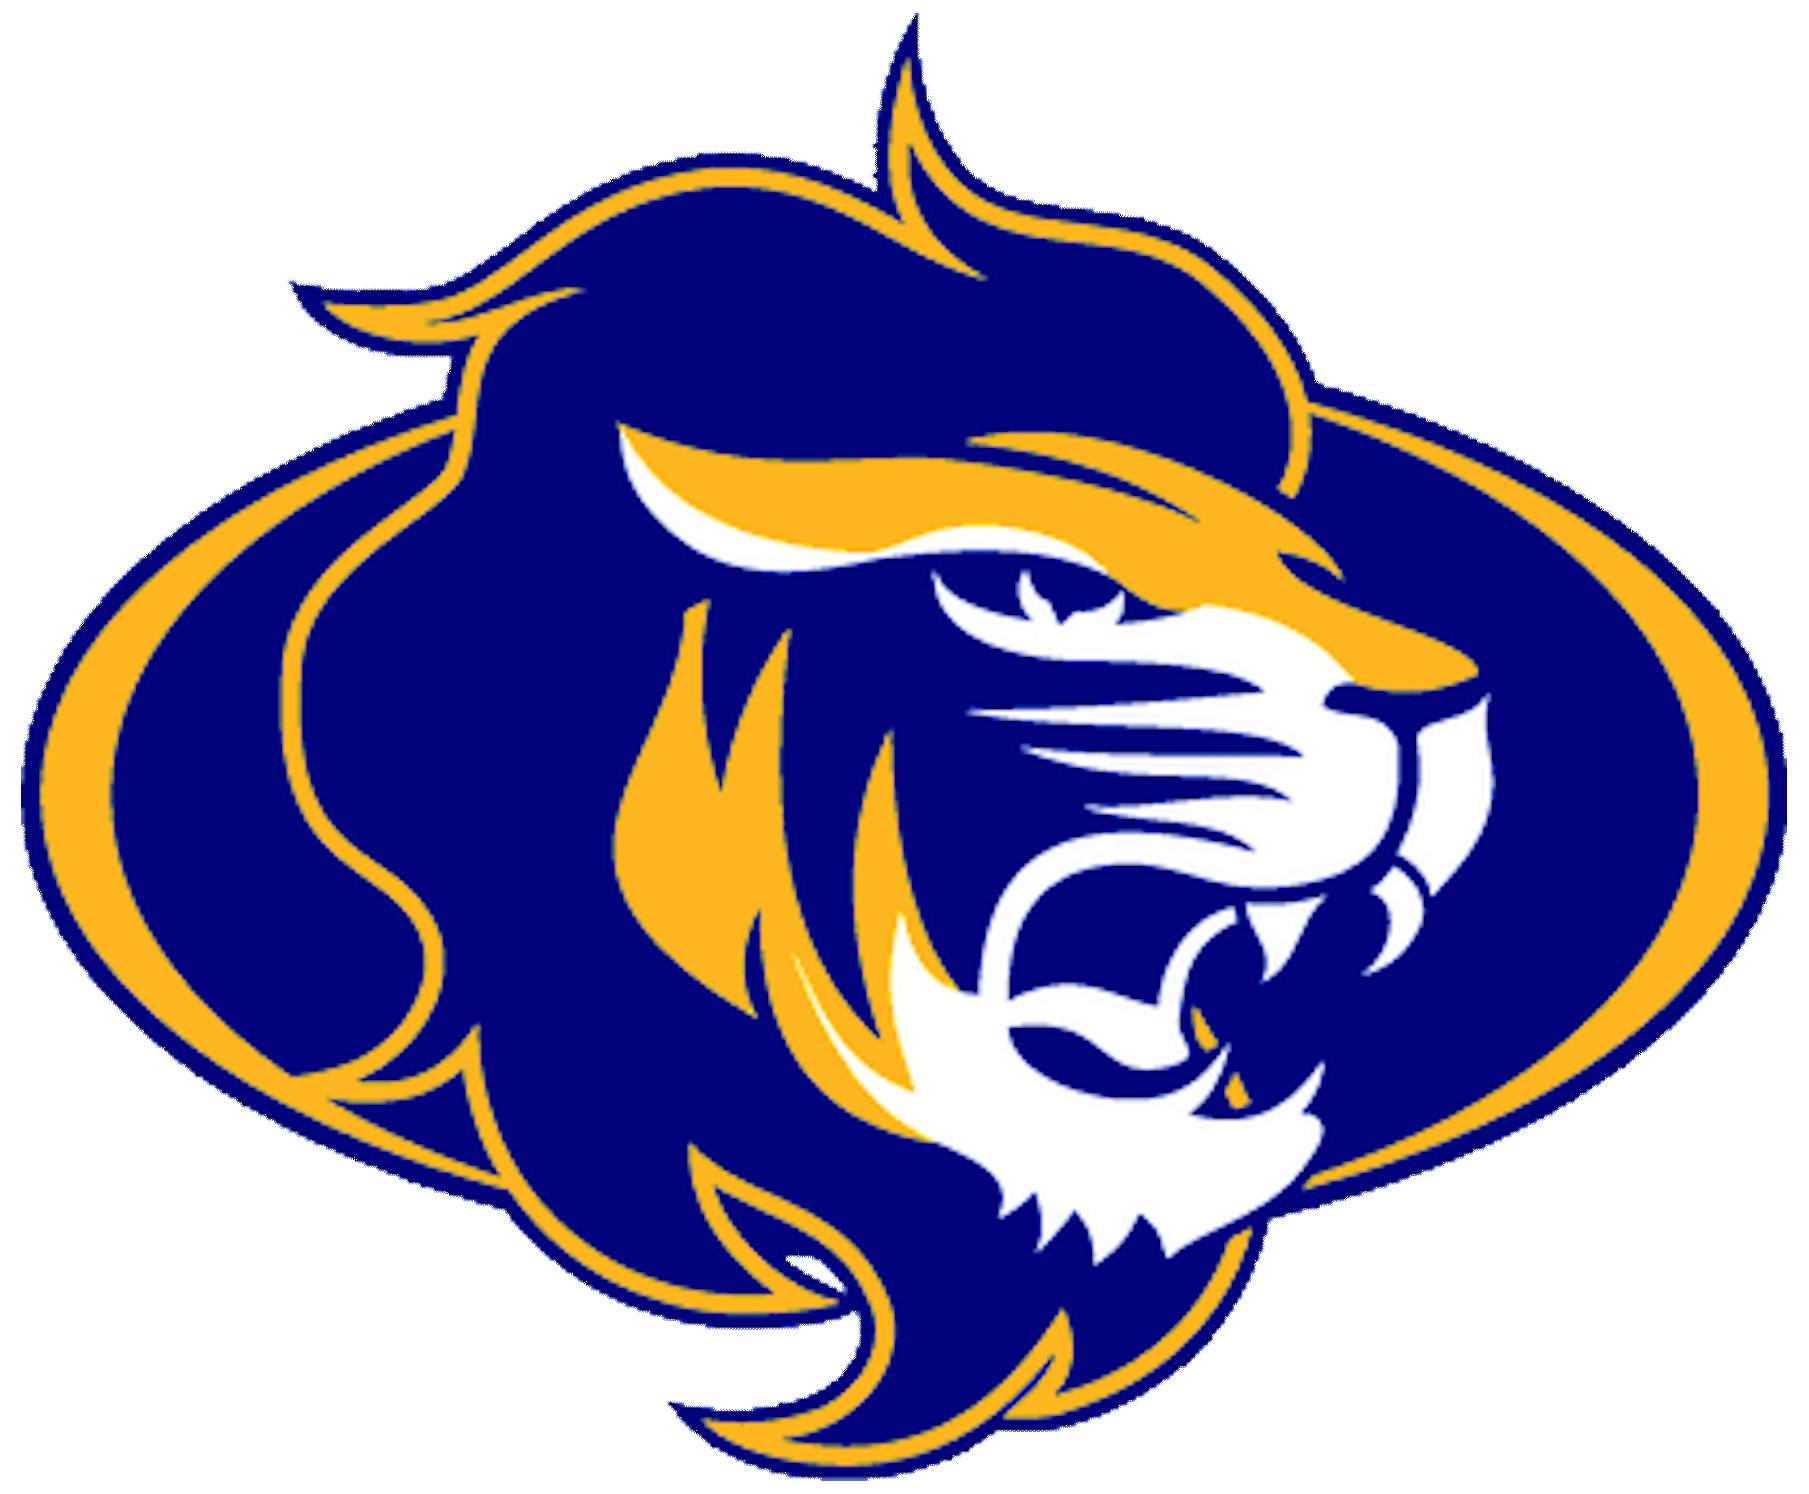 Orange Lion Logos - klejonka